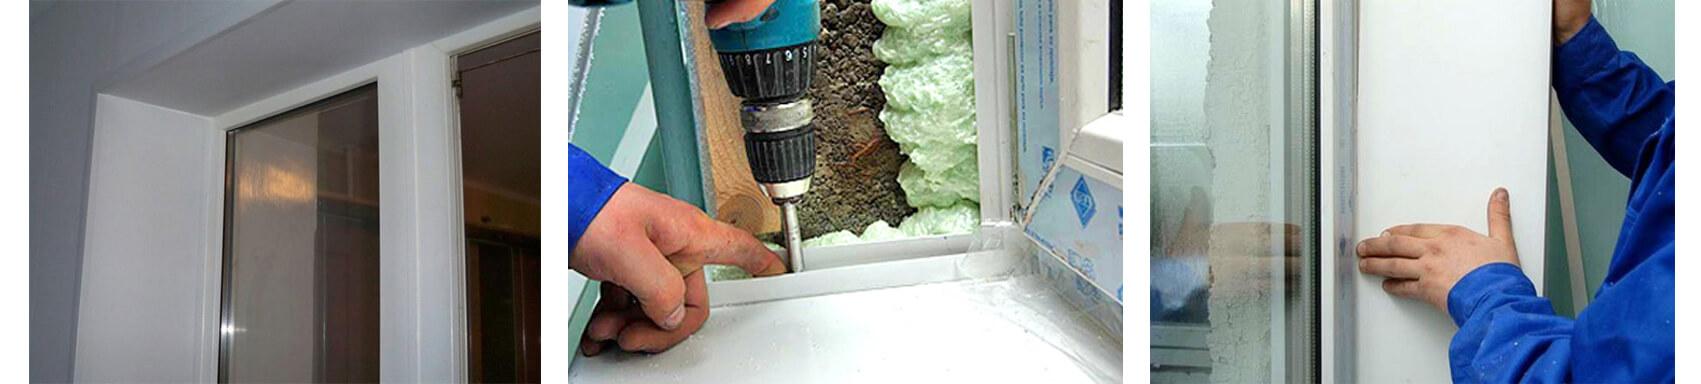 Как установить откосы для пластиковых окон своими руками